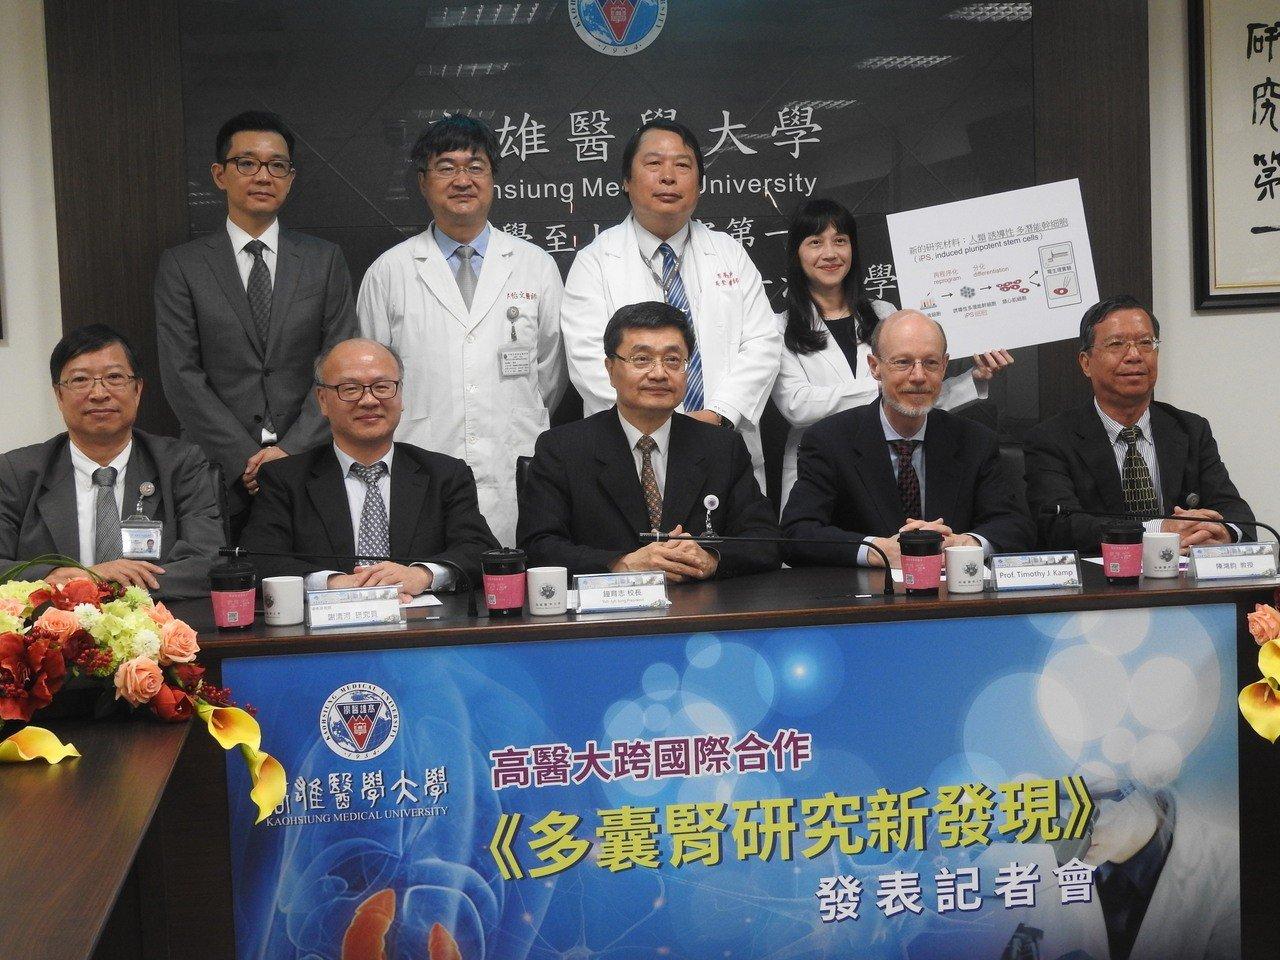 高醫大針對多囊腎患者展開跨國性幹細胞研究,確認心血管疾病併發症與患者突變基因有極...